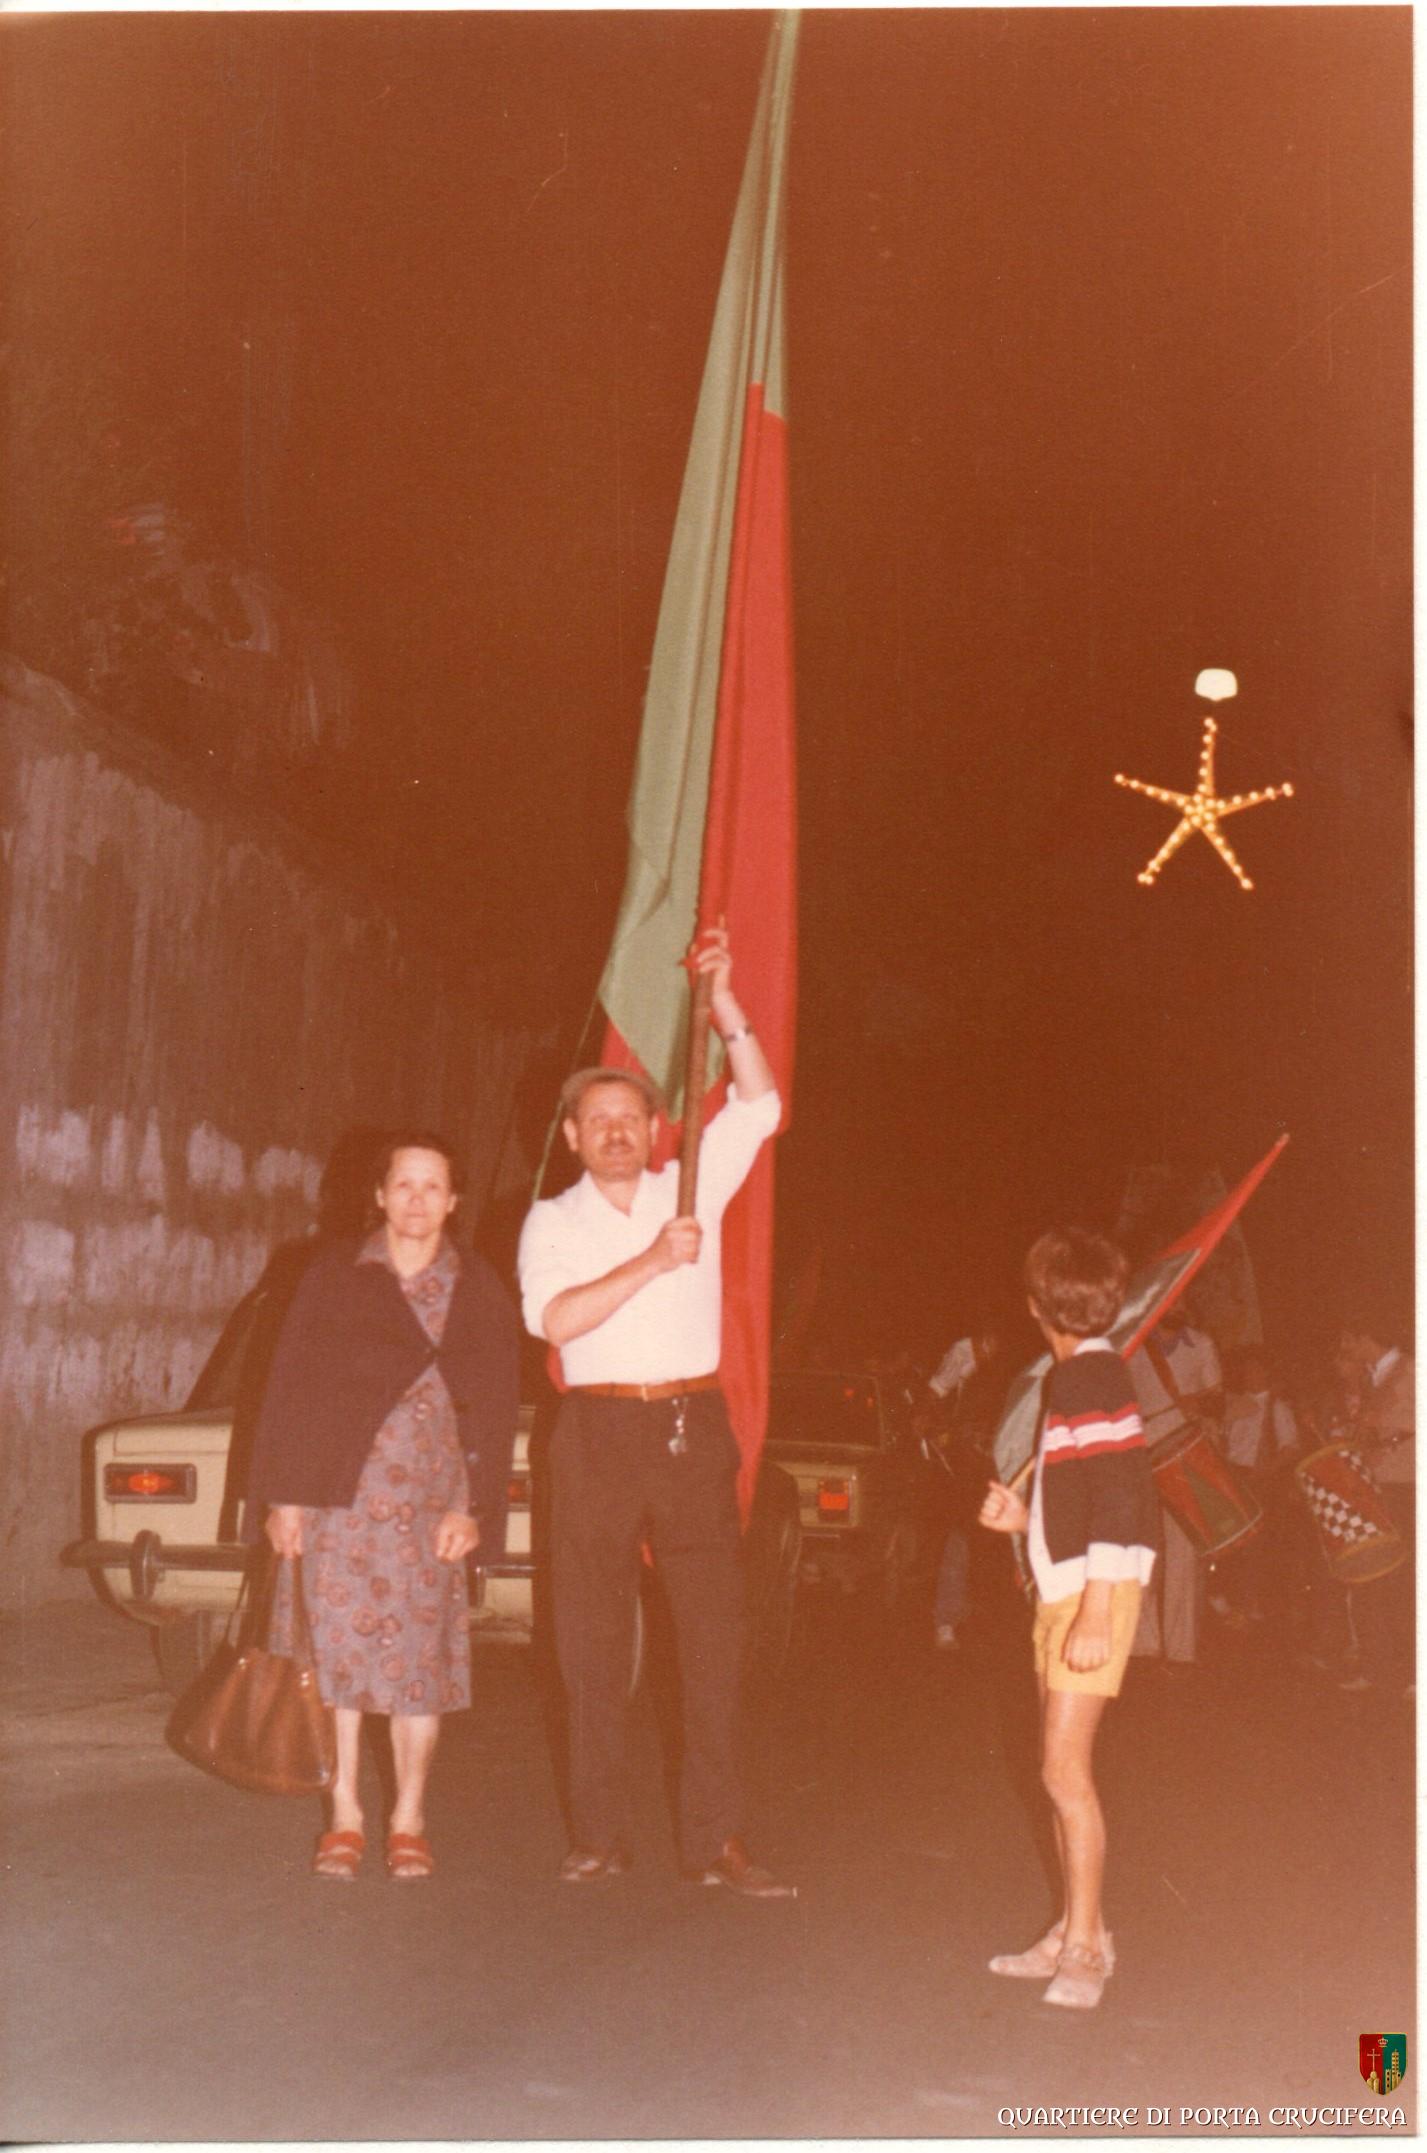 08 - 1980 - Festa Cappotto - Alvaro Scortecci detto Buricco e signora